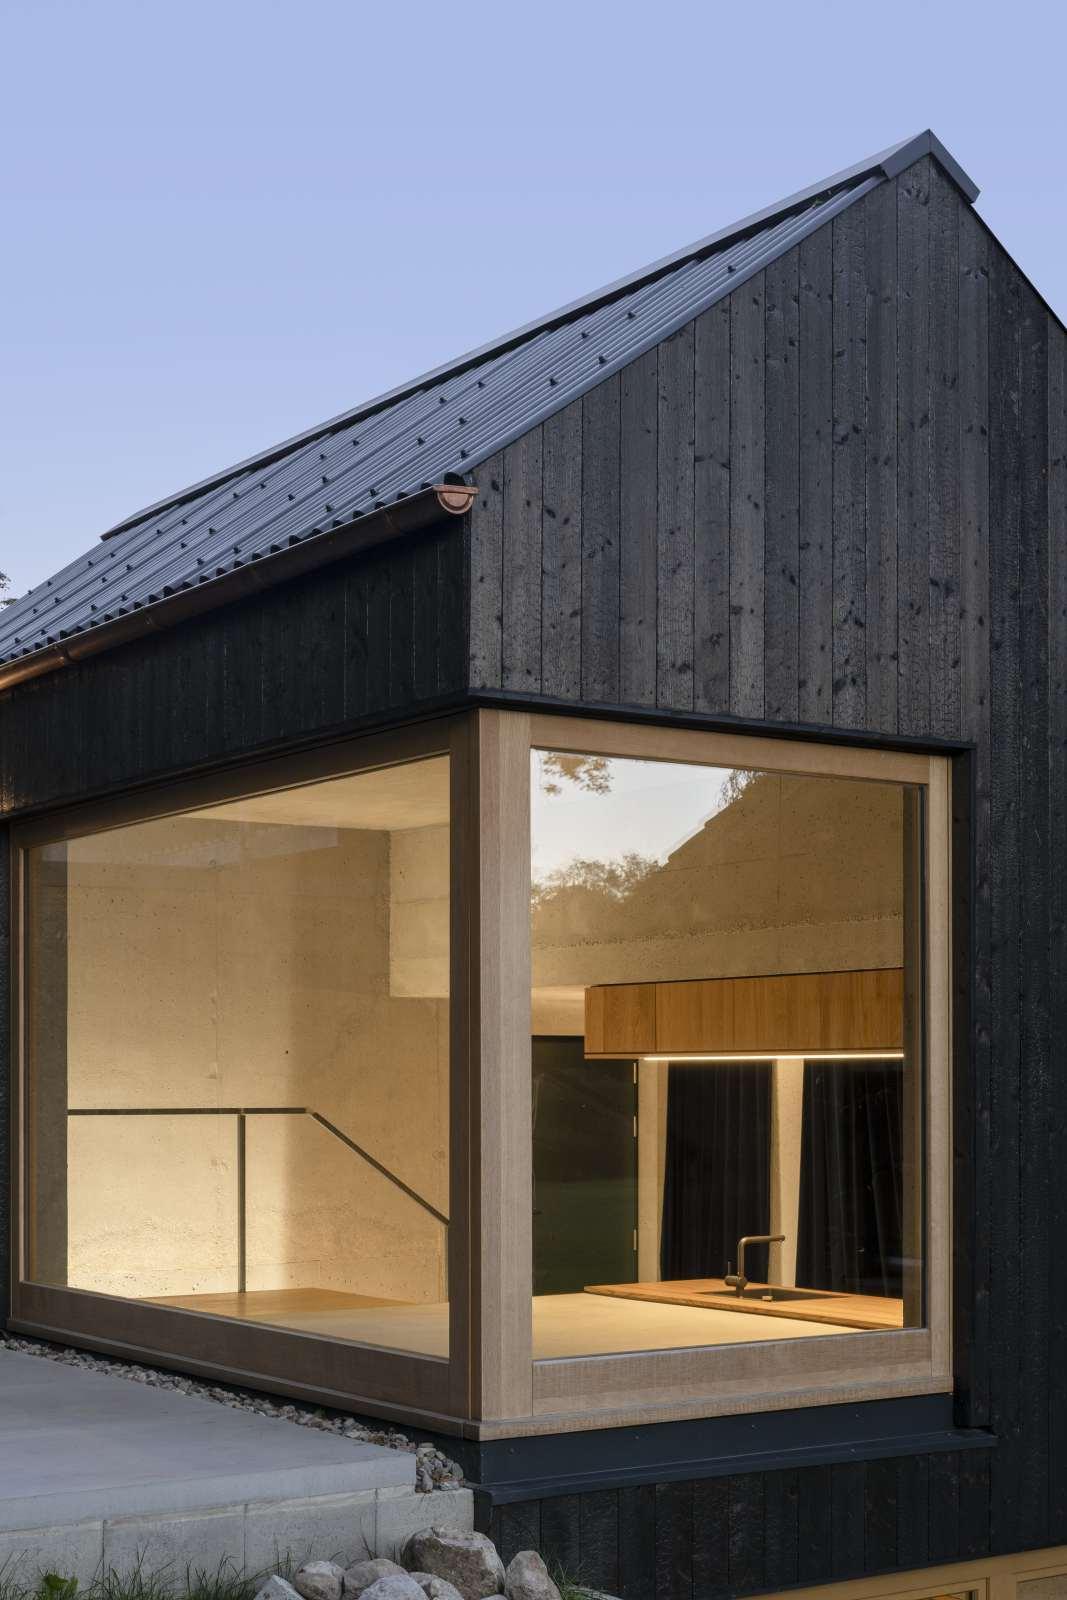 Kleine Haus mit Holzfassade und Pivot-Fenster